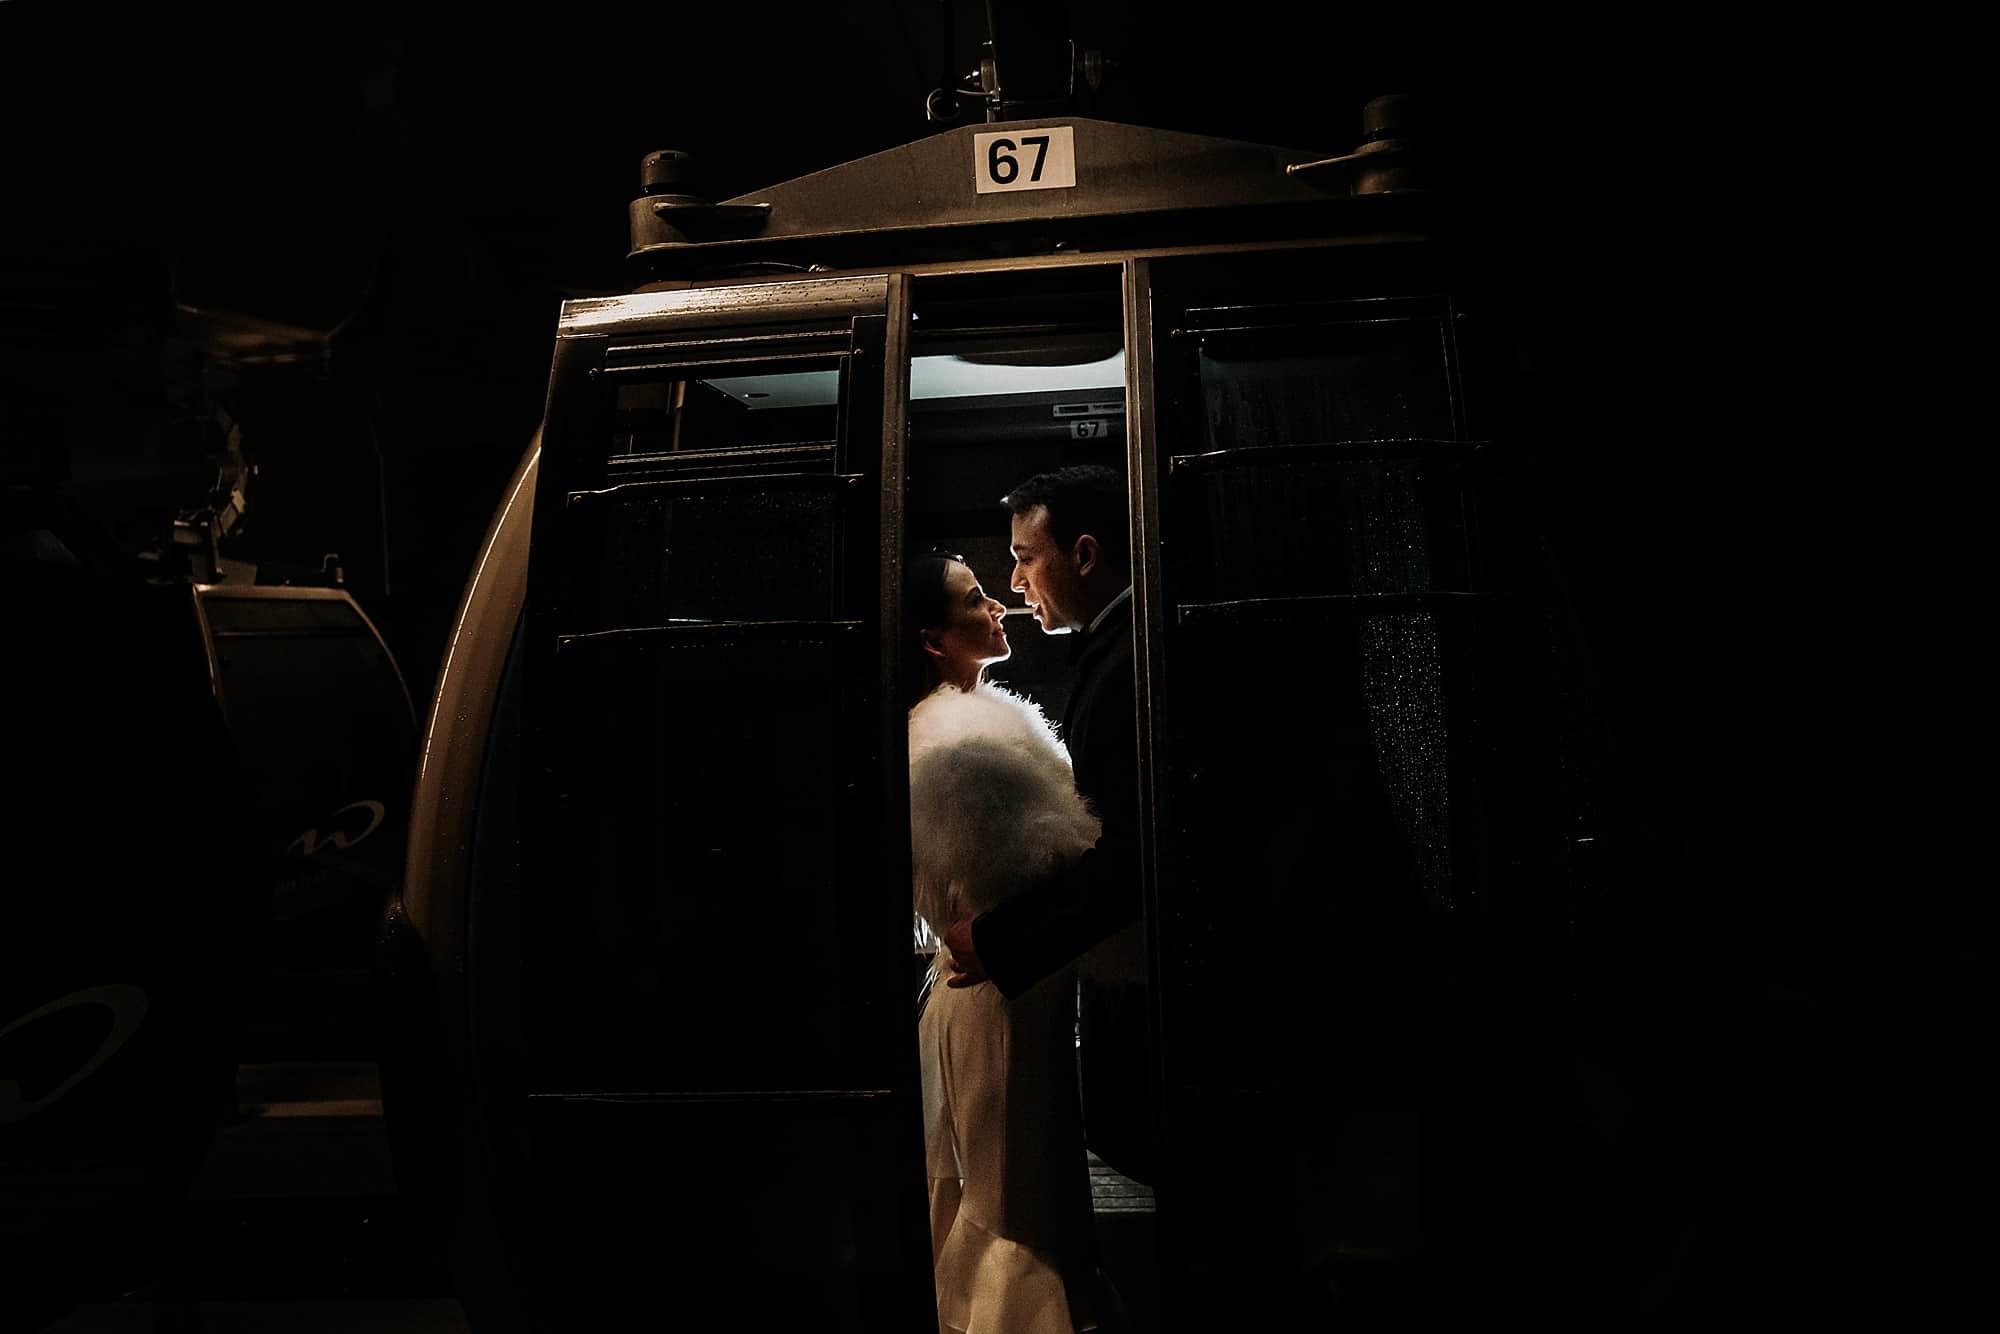 gondola wedding photos at night